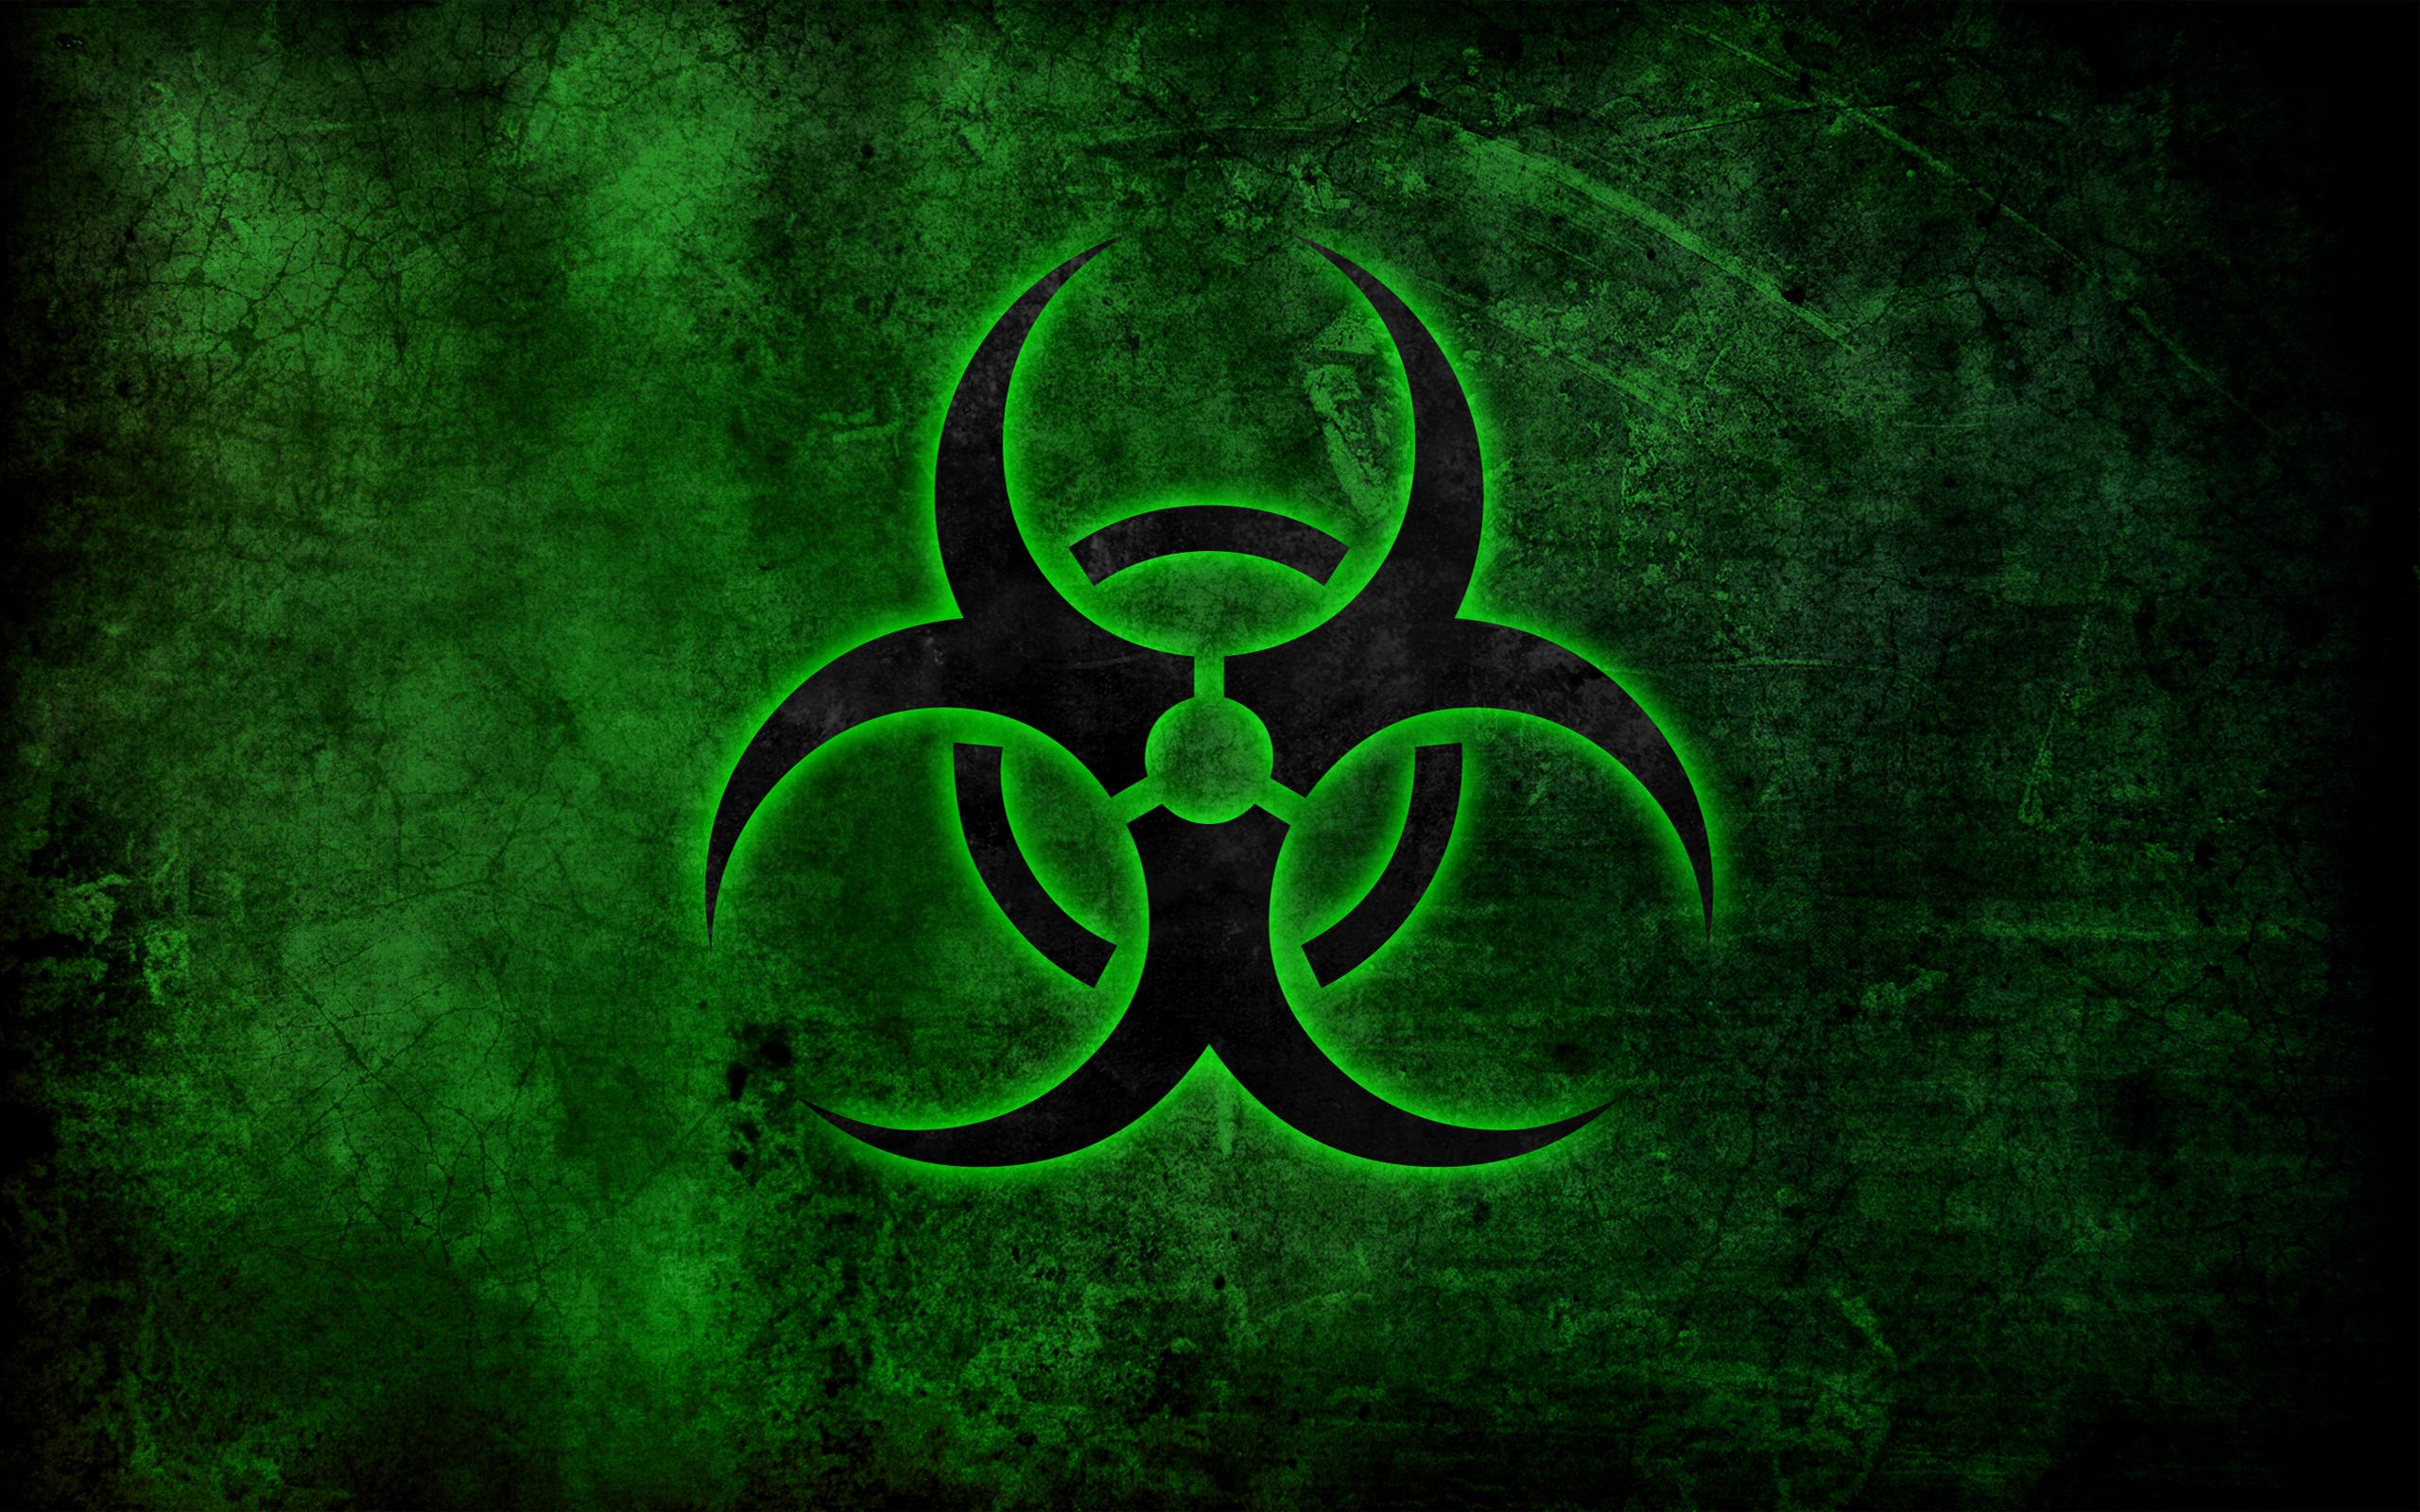 Biohazard Computer Wallpapers Desktop Backgrounds 2560x1600 ID 2560x1600